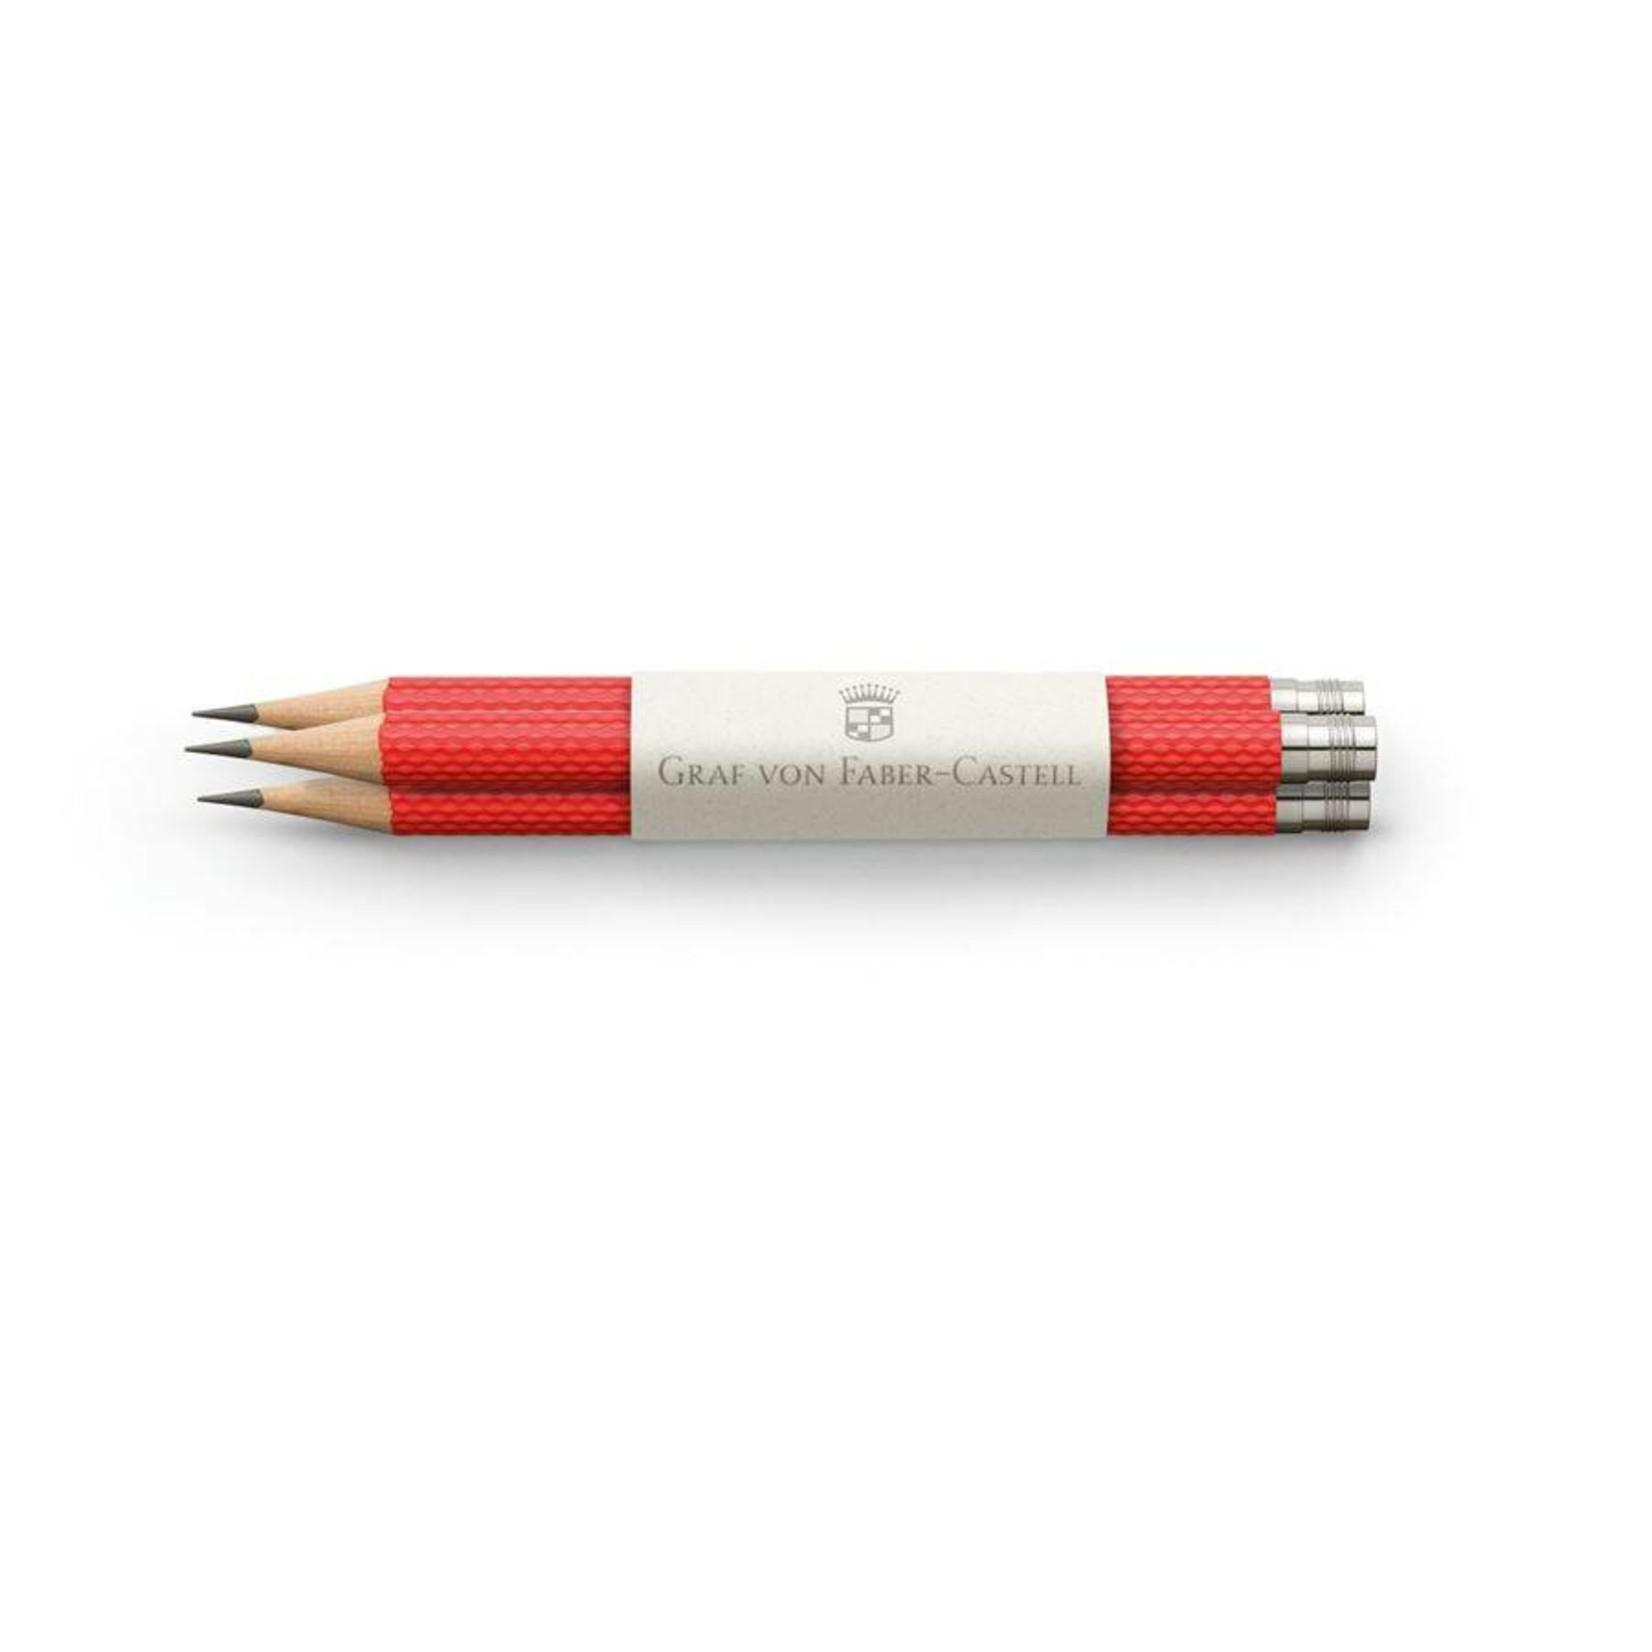 Graf von Faber-Castell Graf von Faber Castell Taschenbleistift Farbwelt India Red 3Stkfür Perfekten Bleistift